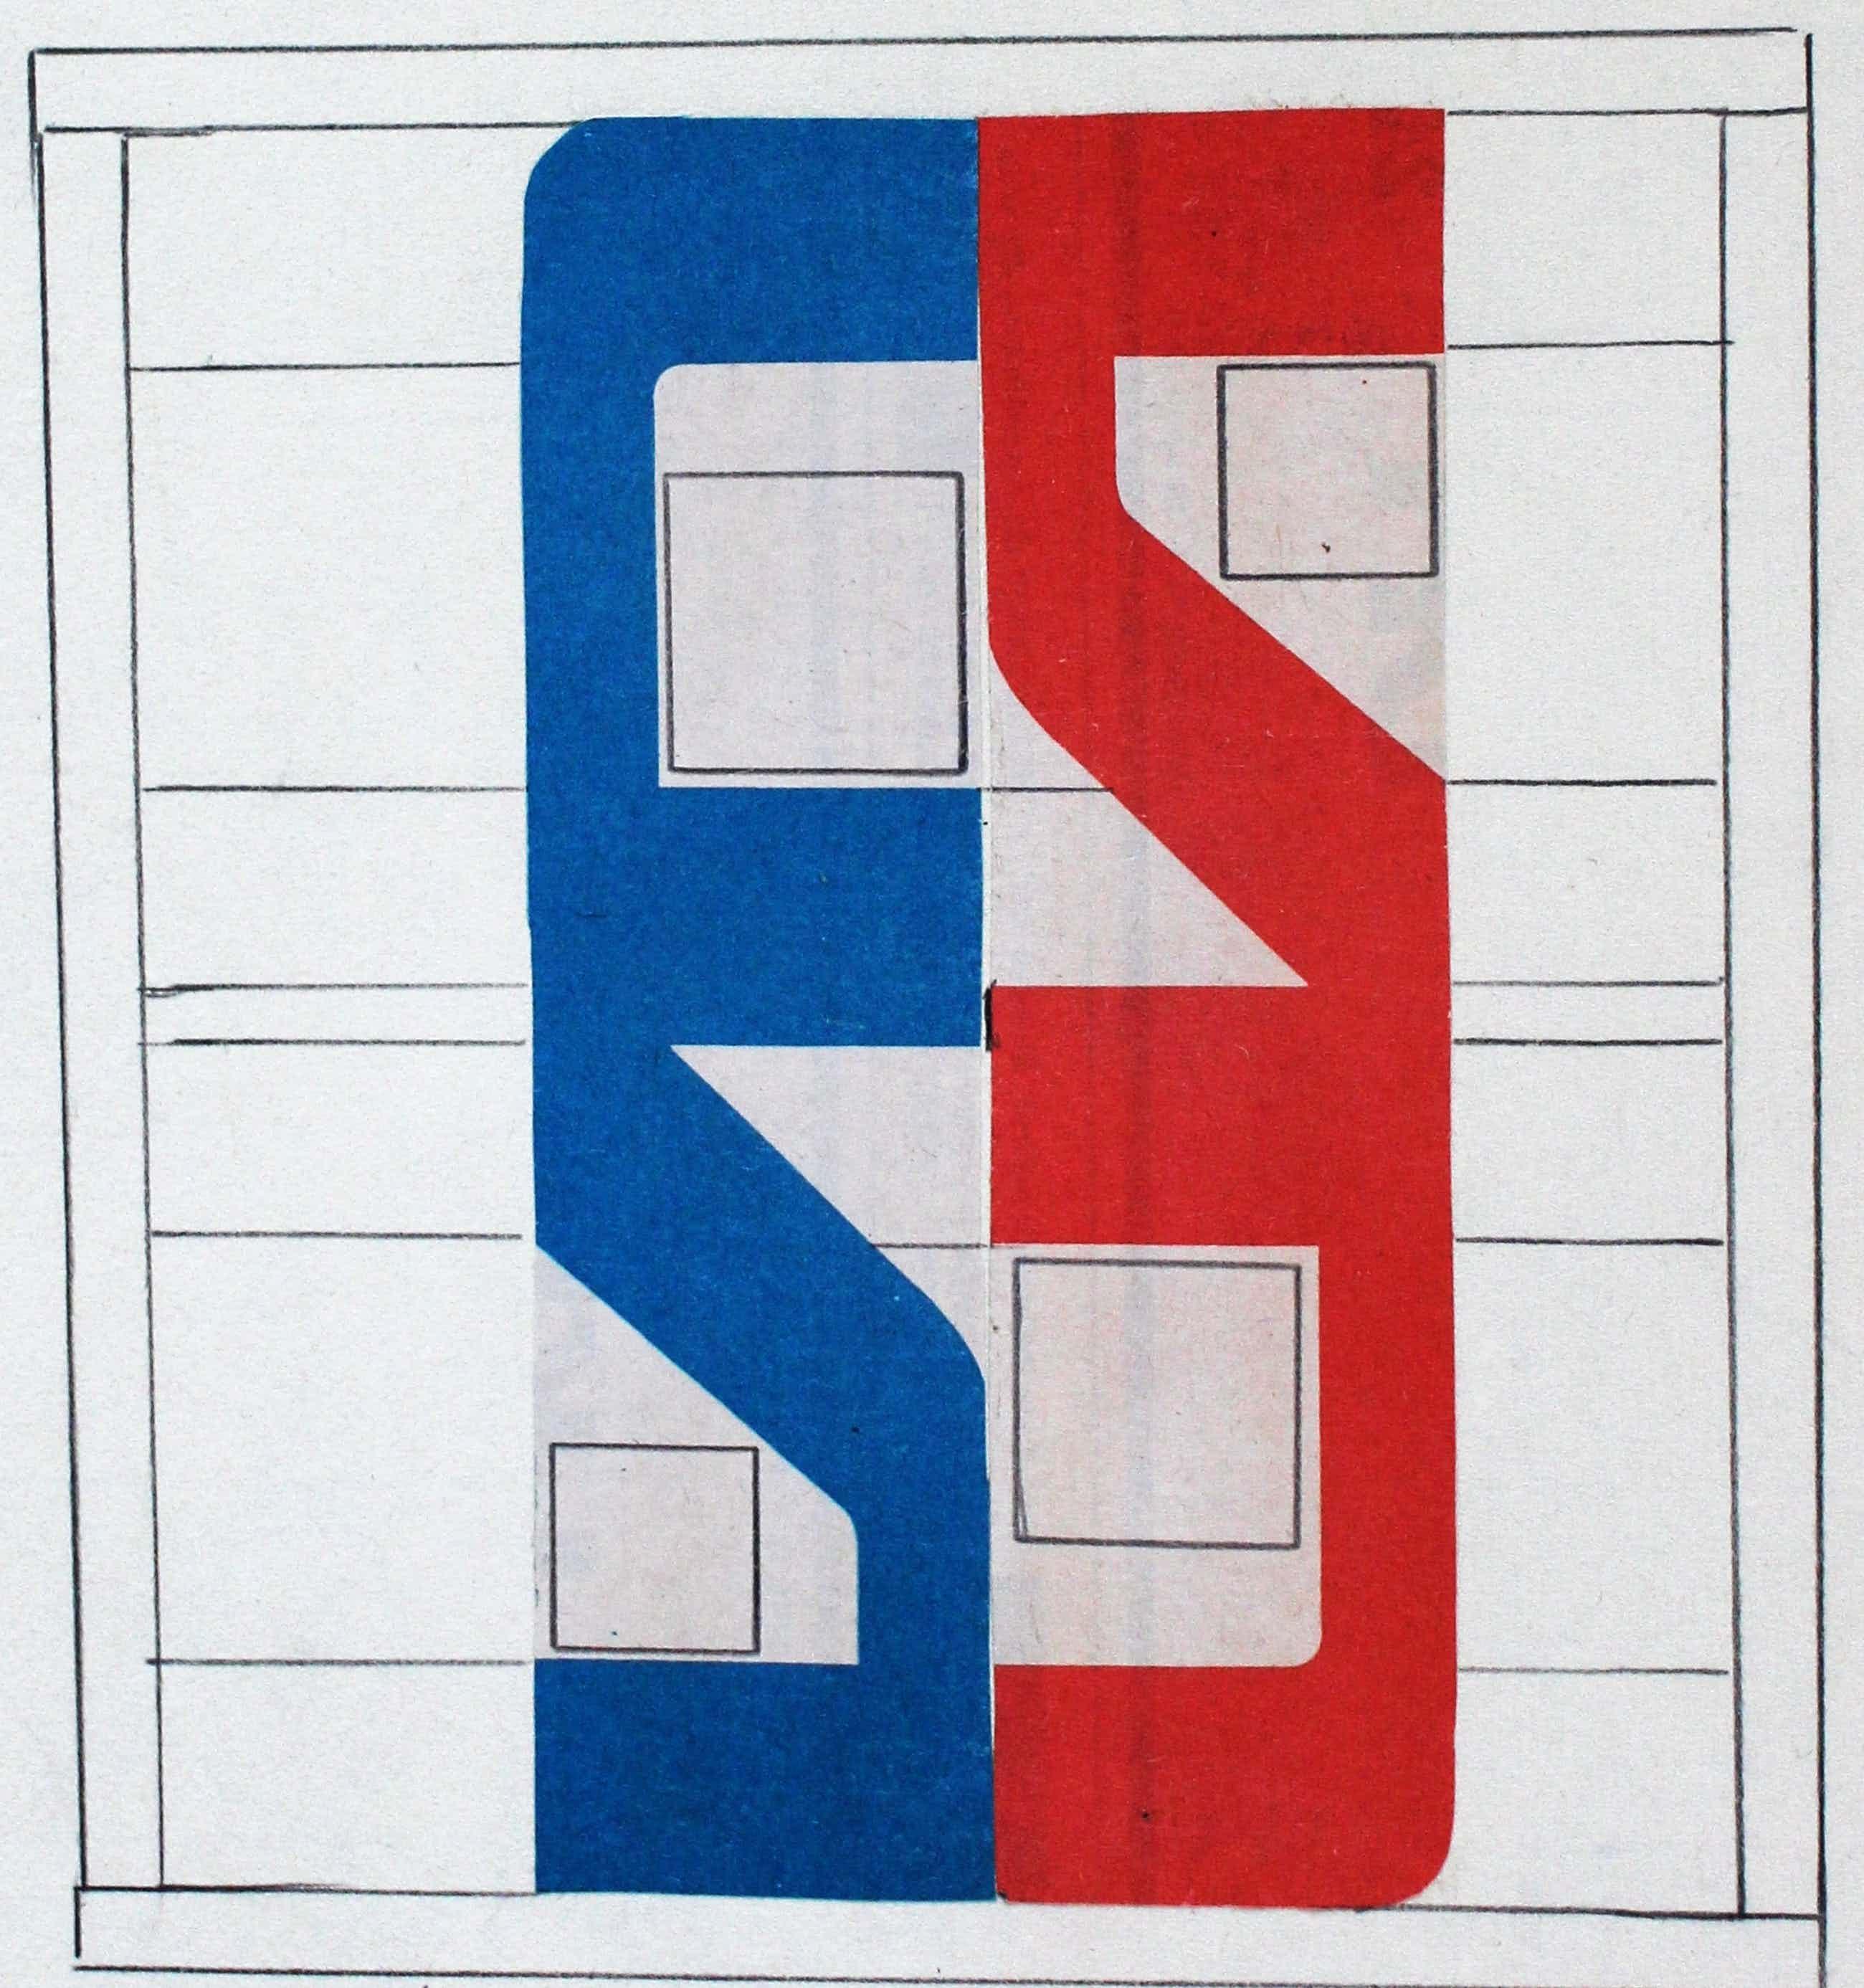 Siep van den Berg - Collage: 2 die elkaar zoeken - gesigneerd - 1984 kopen? Bied vanaf 95!